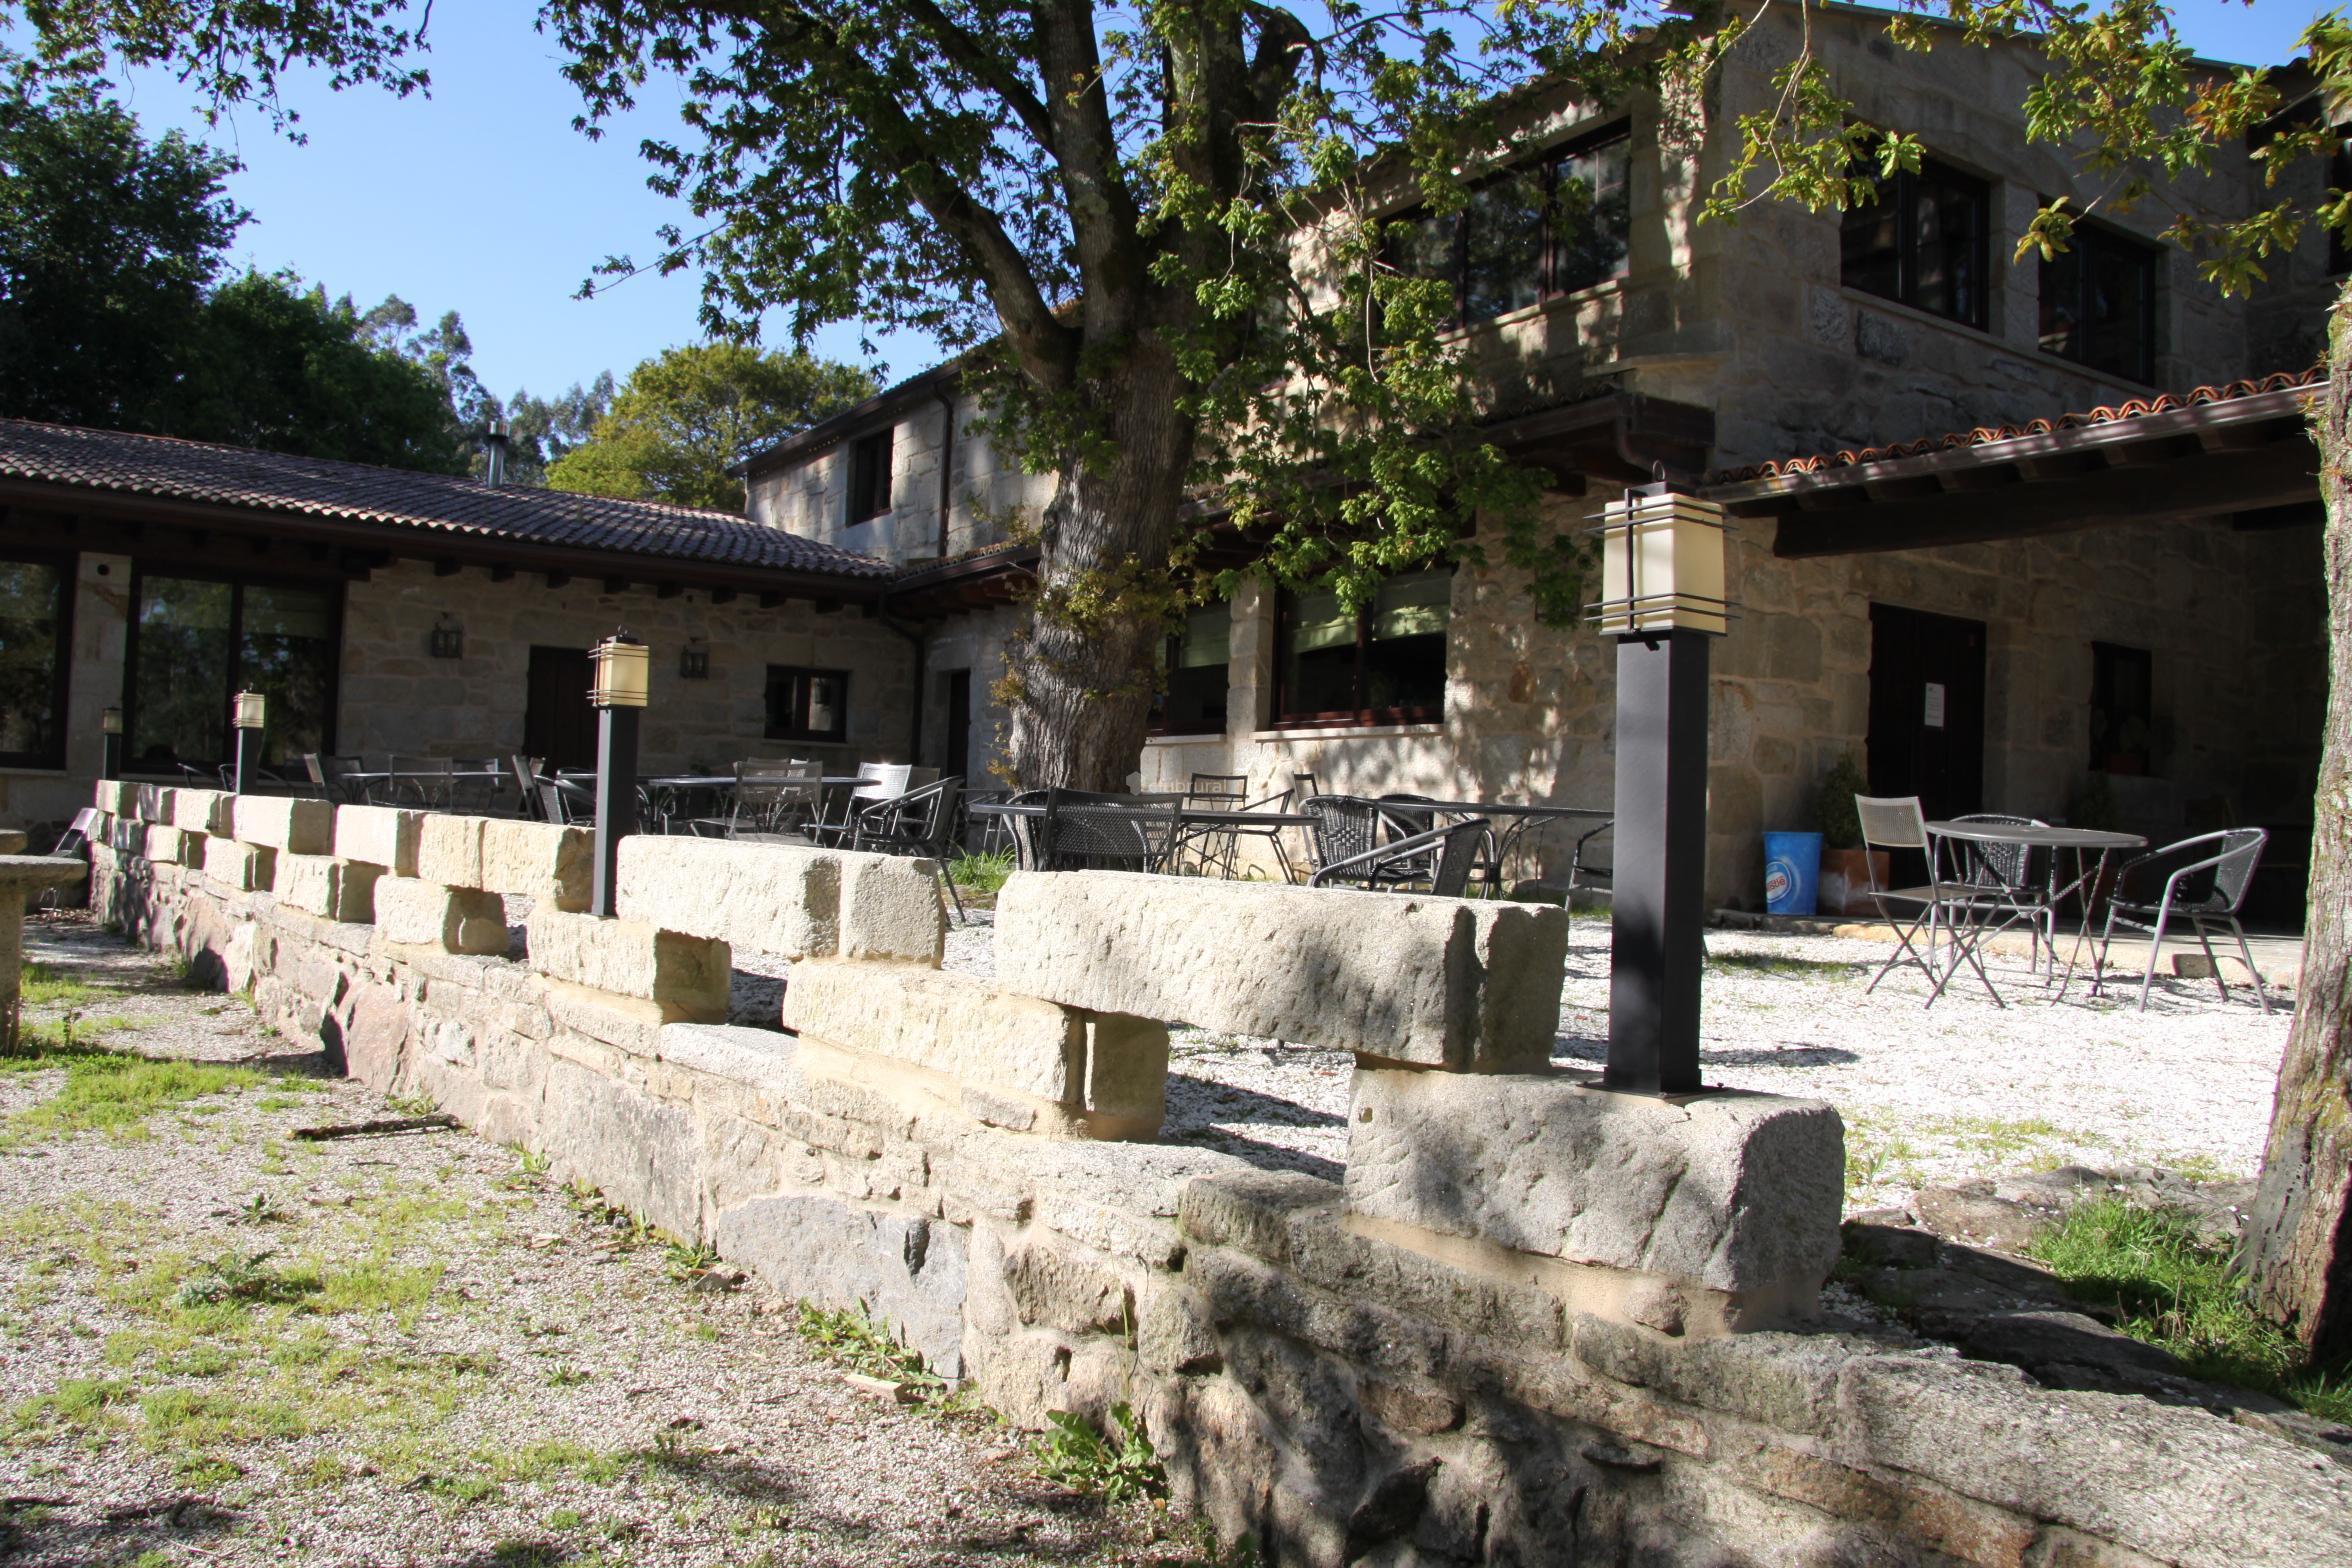 Fotos de casal dos celenis pontevedra caldas de reis clubrural - Casas rurales galicia ofertas ...